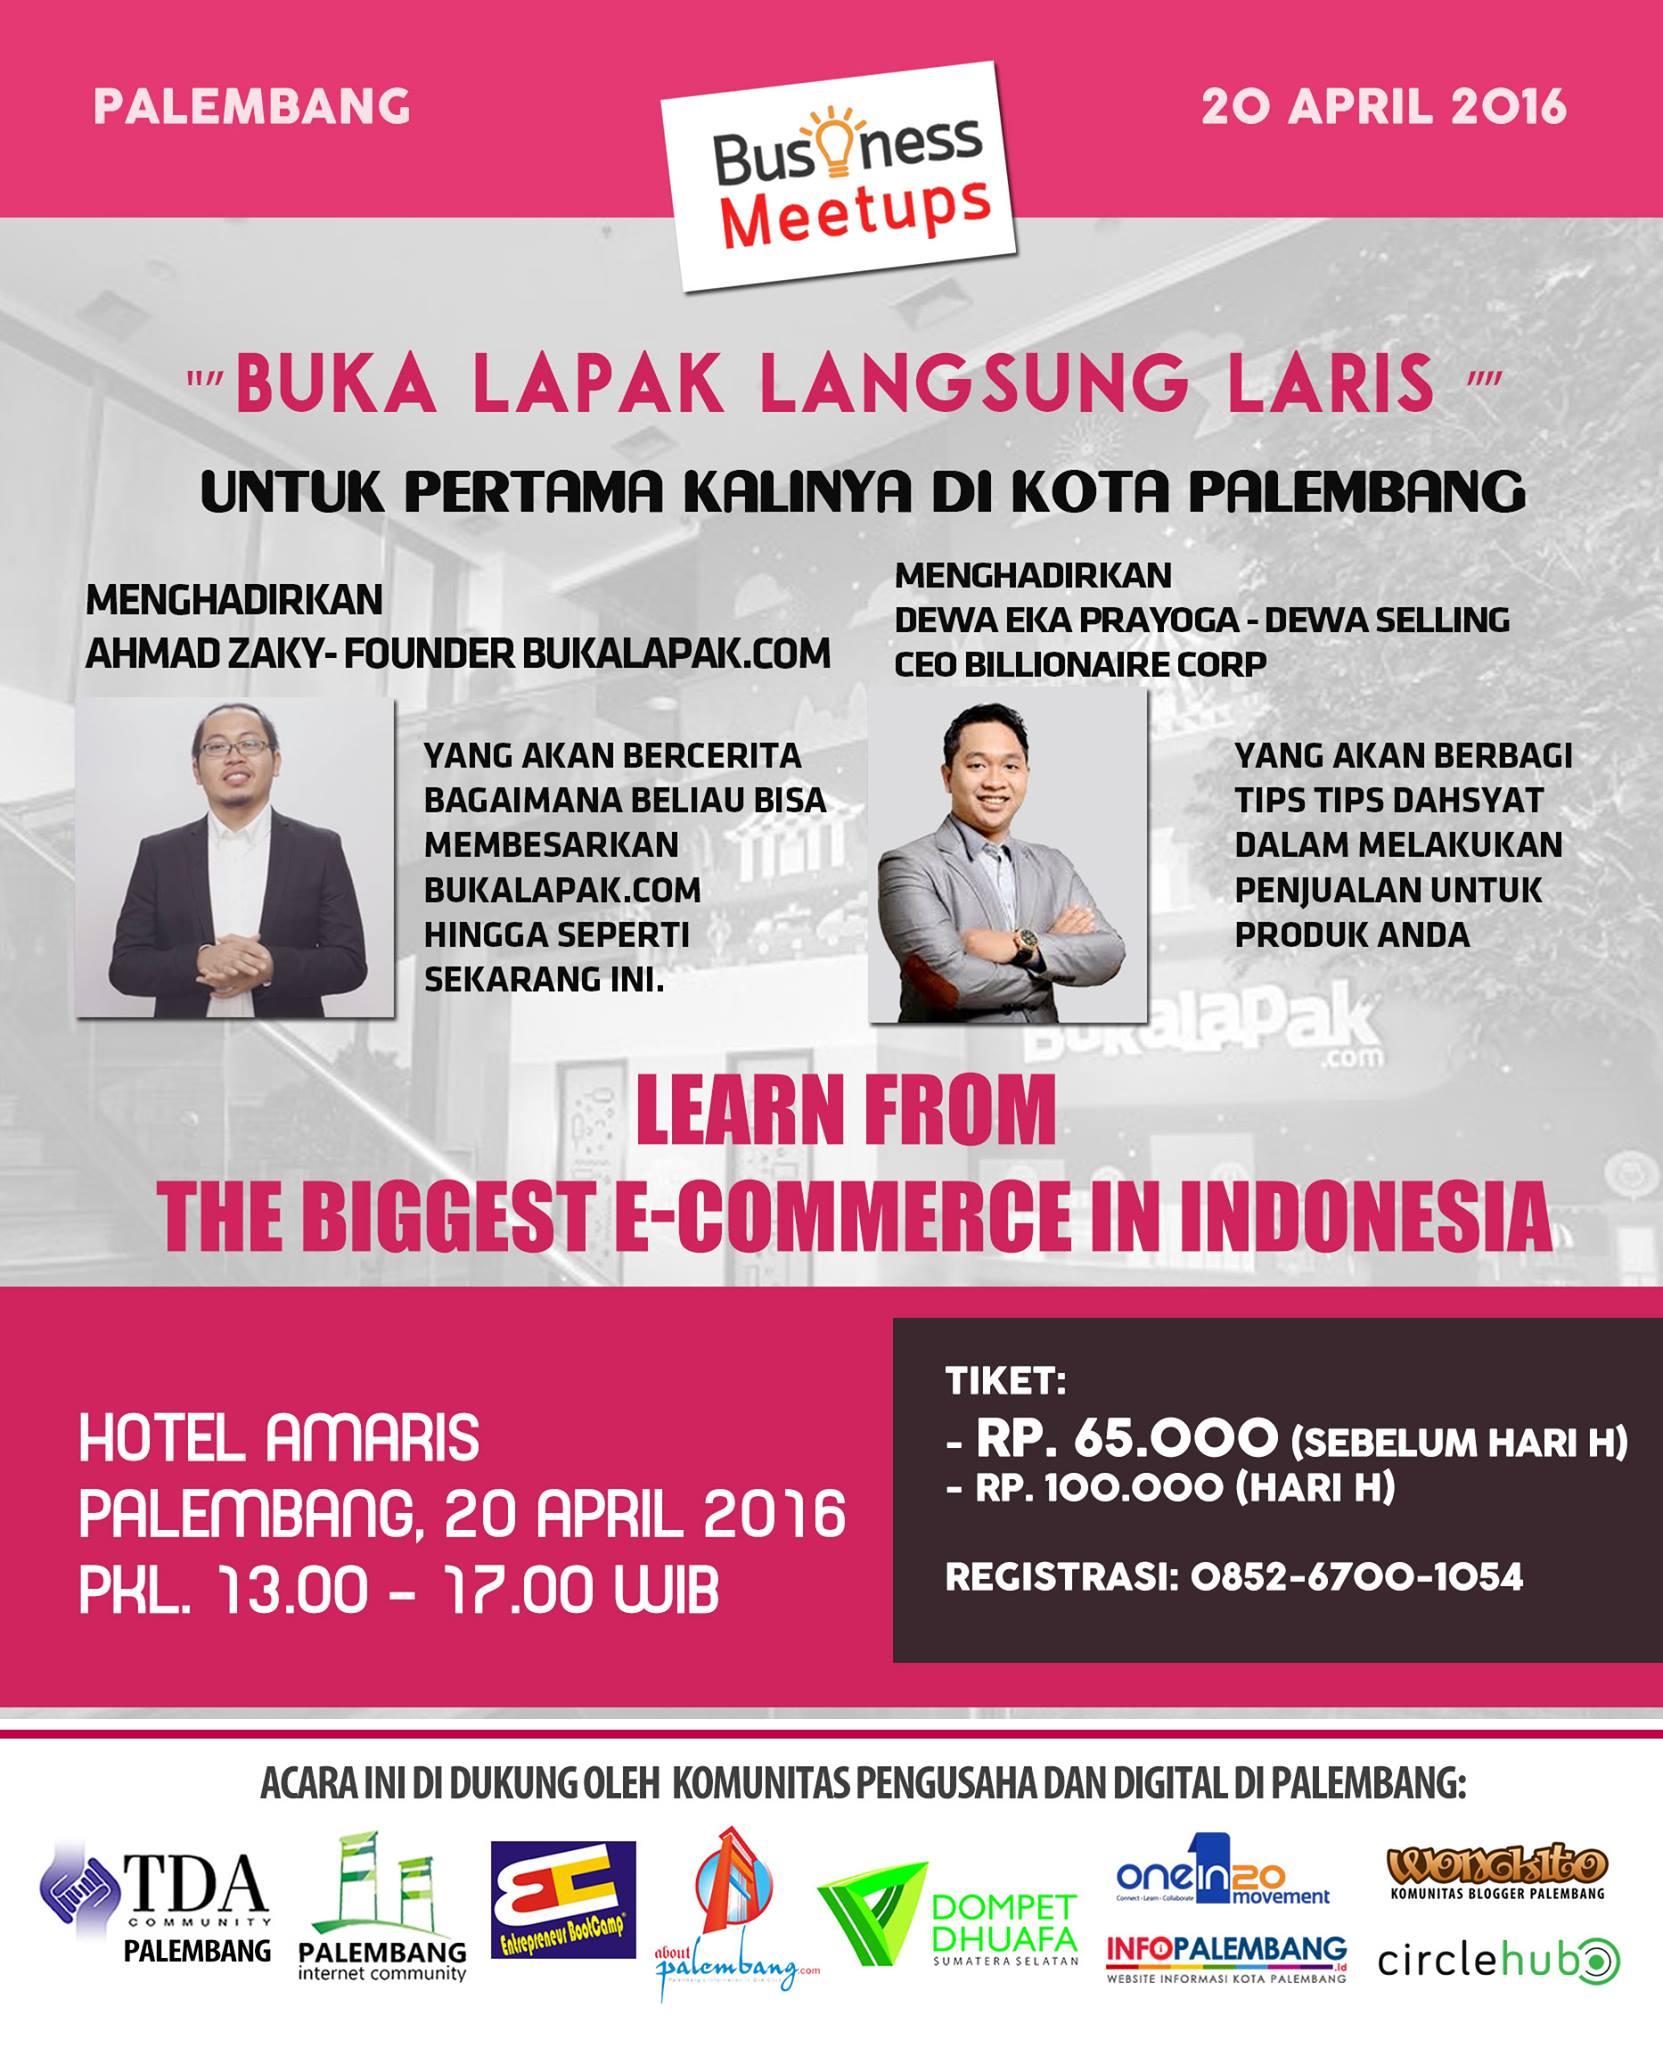 Belajar Langsung dari Founder Bukalapak di Palembang